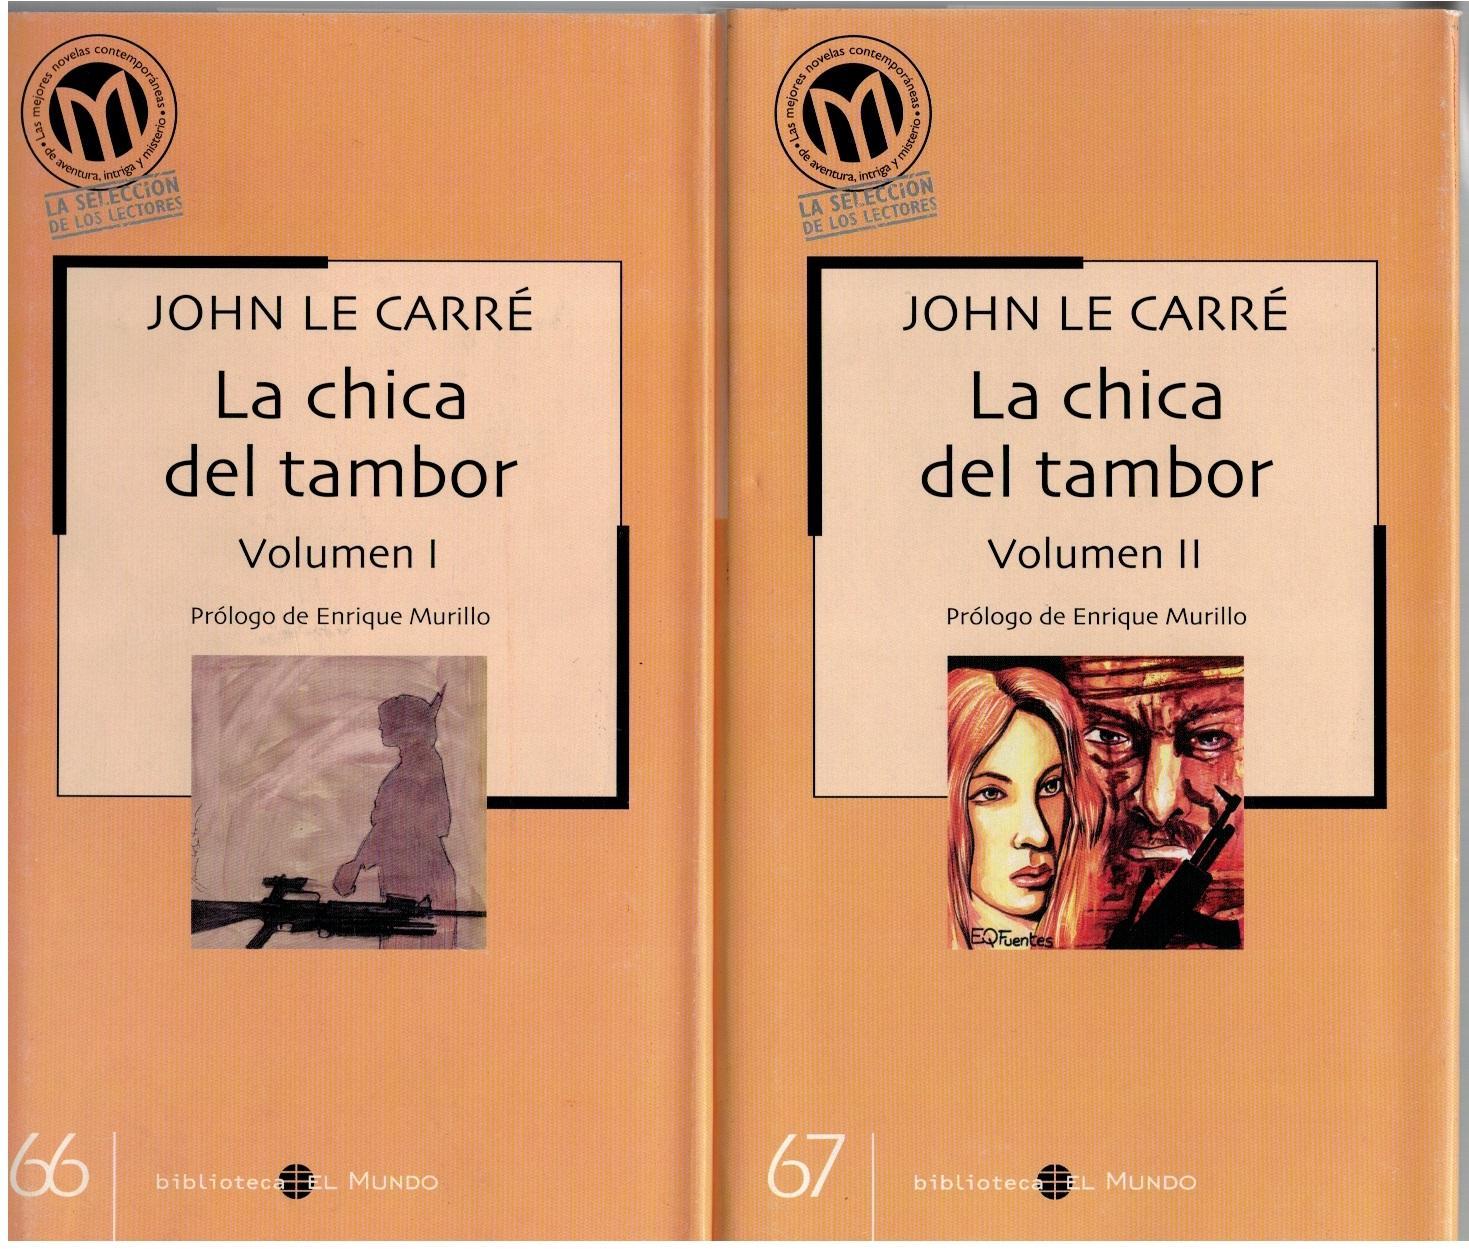 LA CHICA DEL TAMBOR I y II (obra completa) - John Le Carre